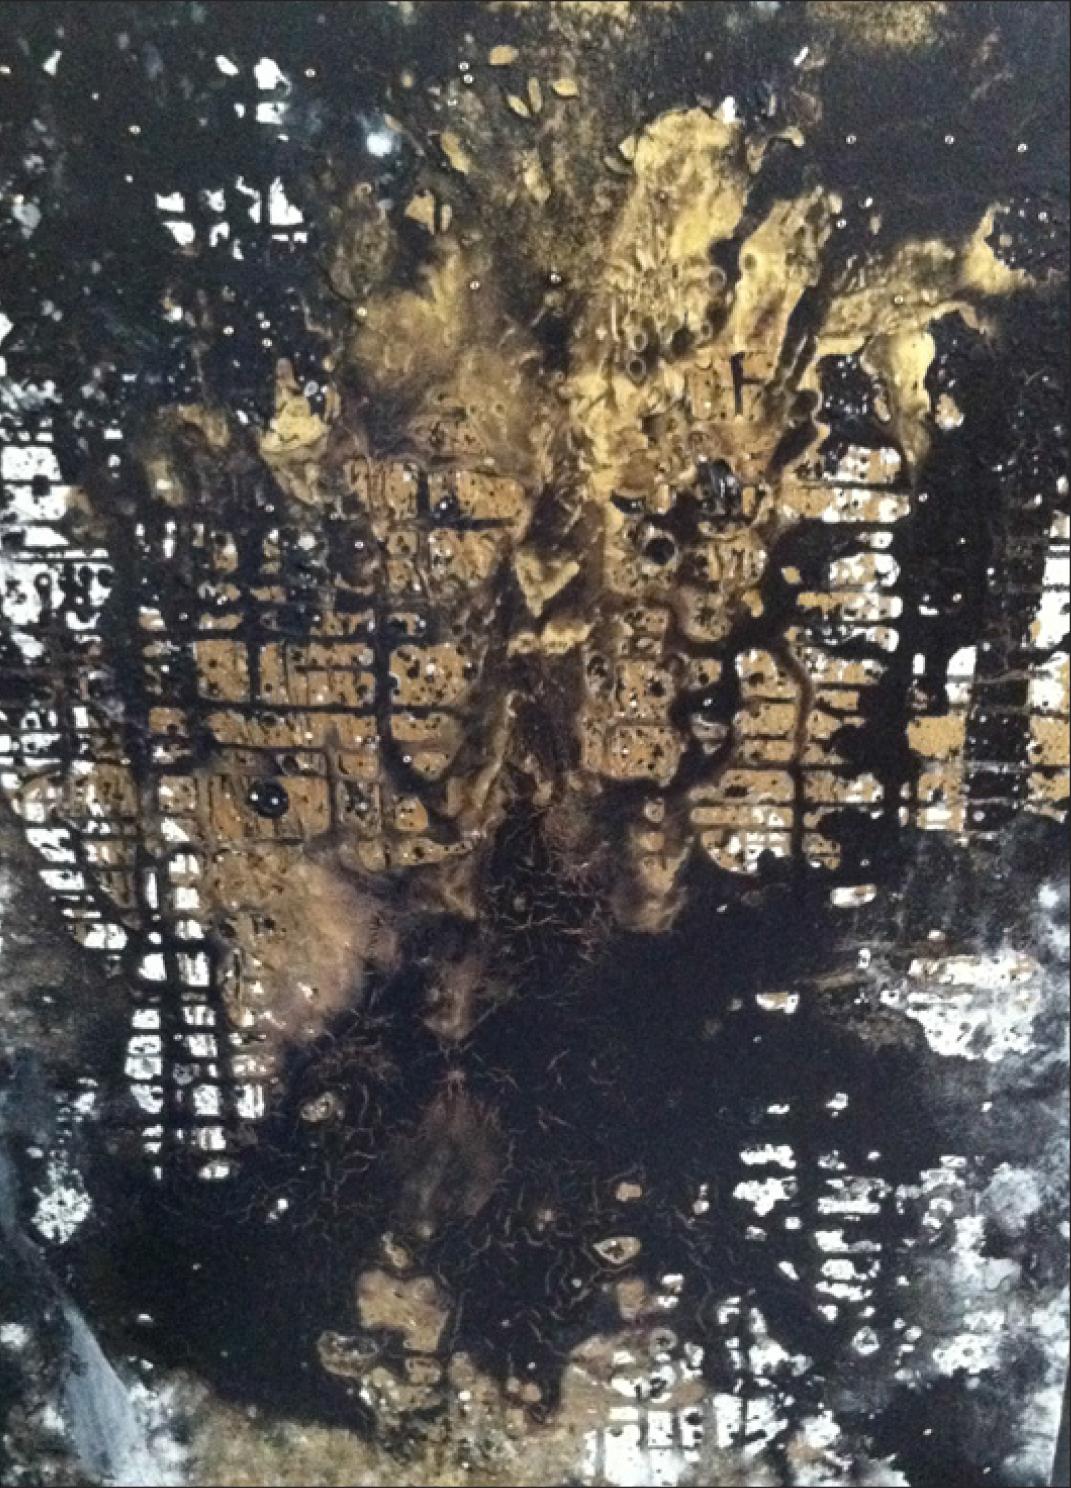 Acrylic on Canvas 24 x 36, 2012